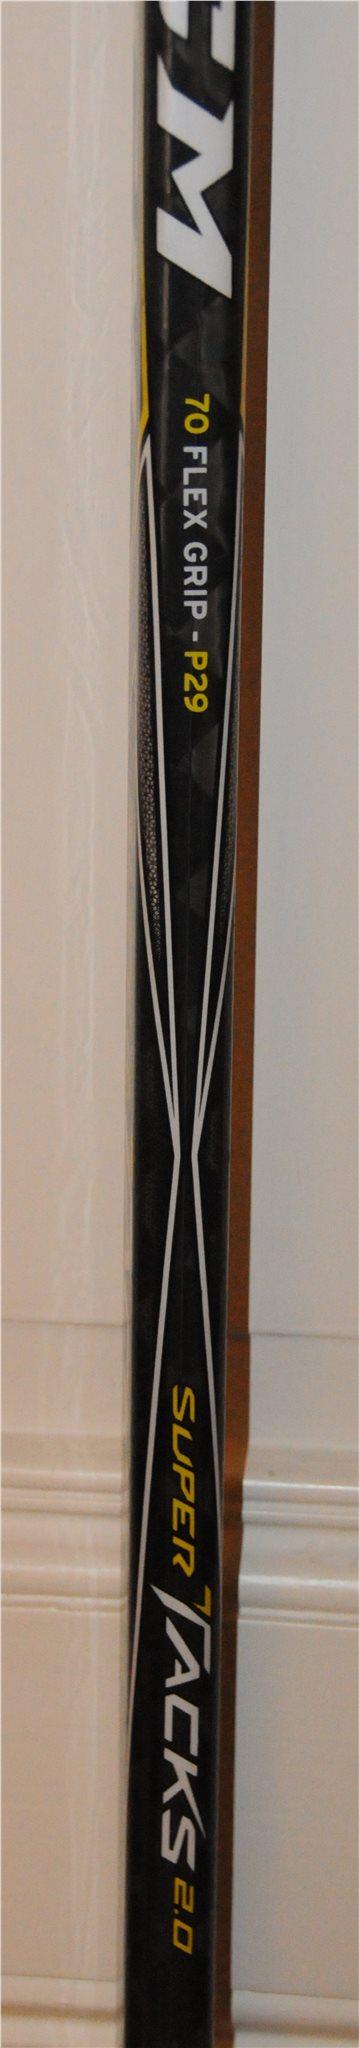 Hockeyklubba CCM Super Tacks 2.0 SR grip left f.. (341427602) ᐈ Köp ... f2dcefcd4fc8b